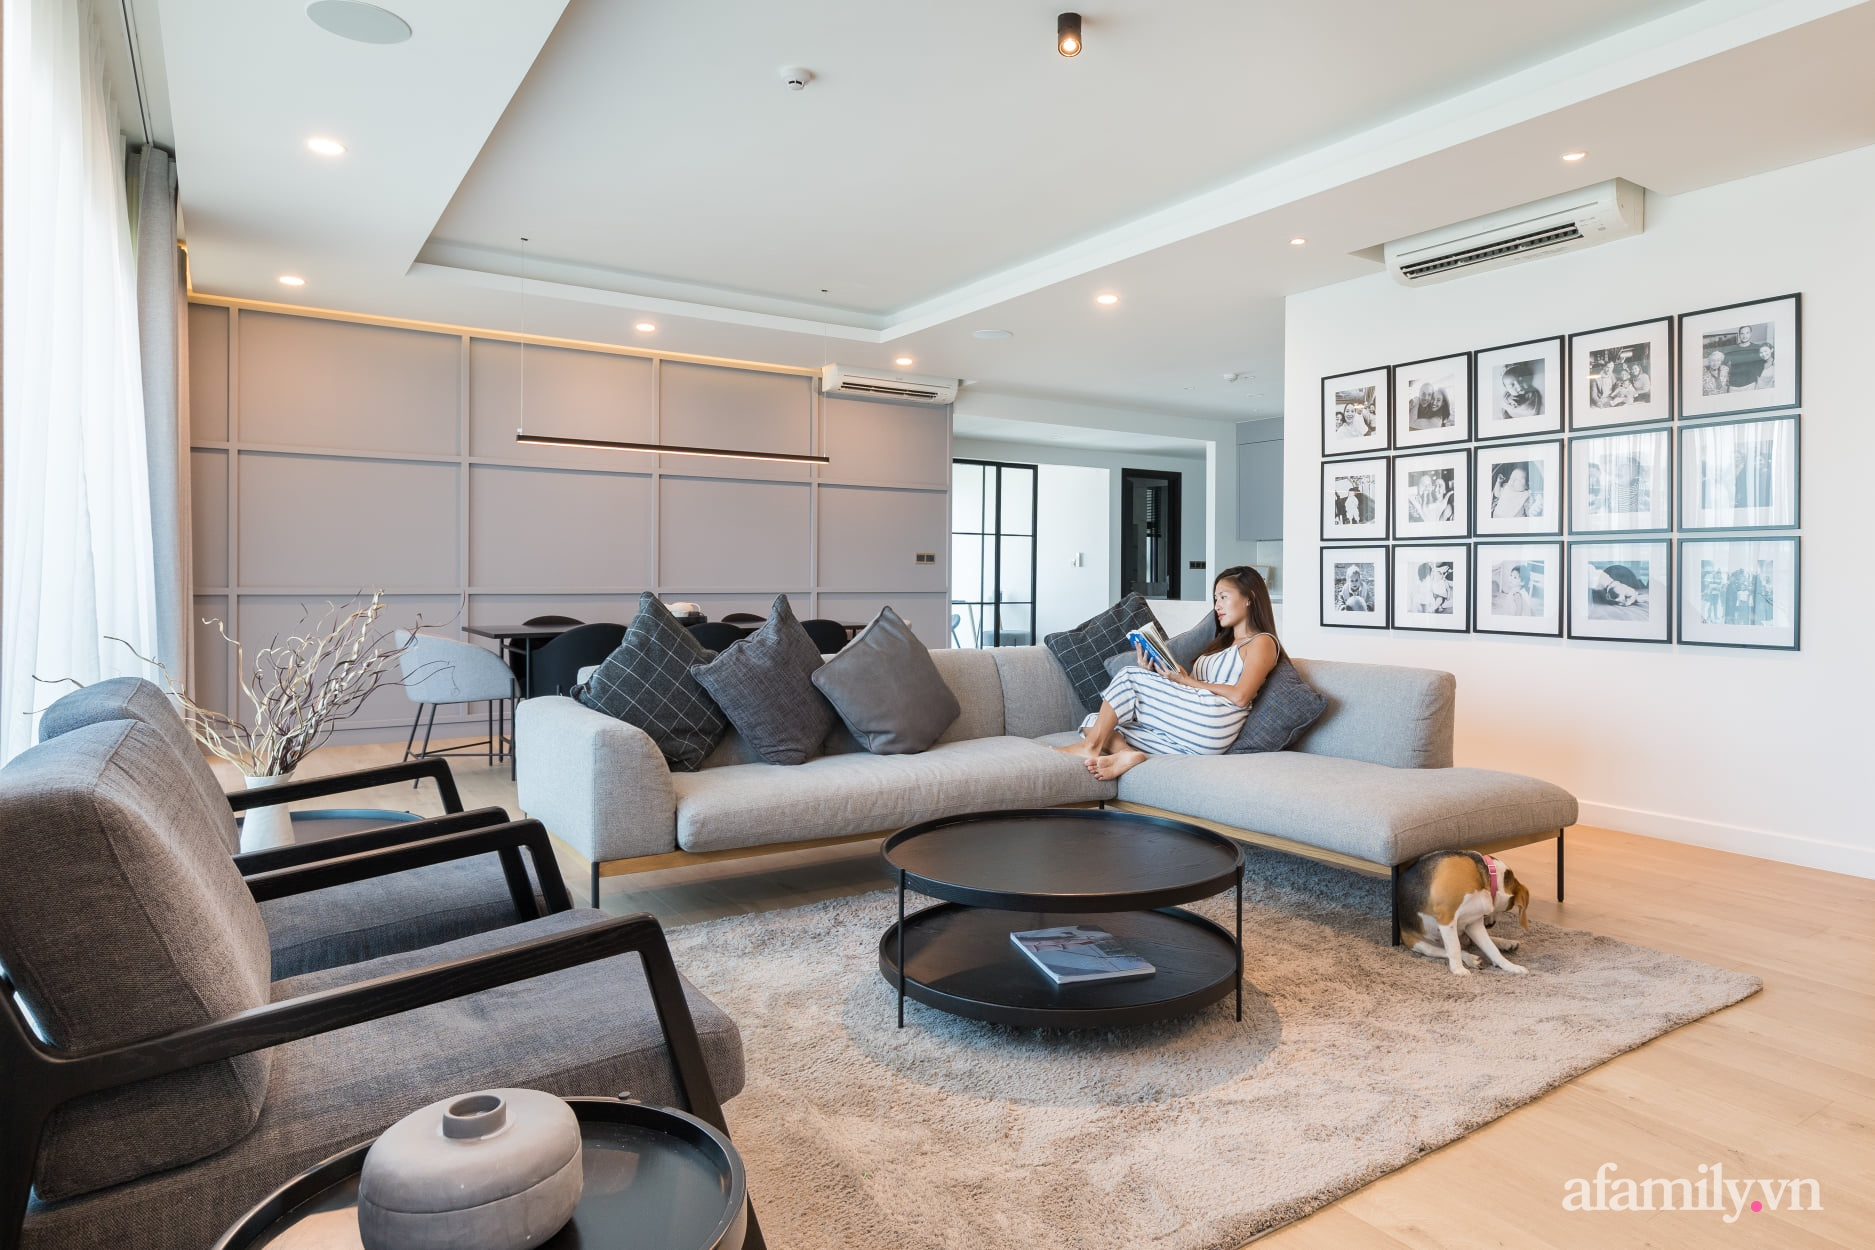 Căn hộ 216m² đẹp sang trọng và hiện đại thu trọn vẻ đẹp quận 2 Sài Gòn trong tầm mắt nhờ phong cách Minimalism - Ảnh 1.